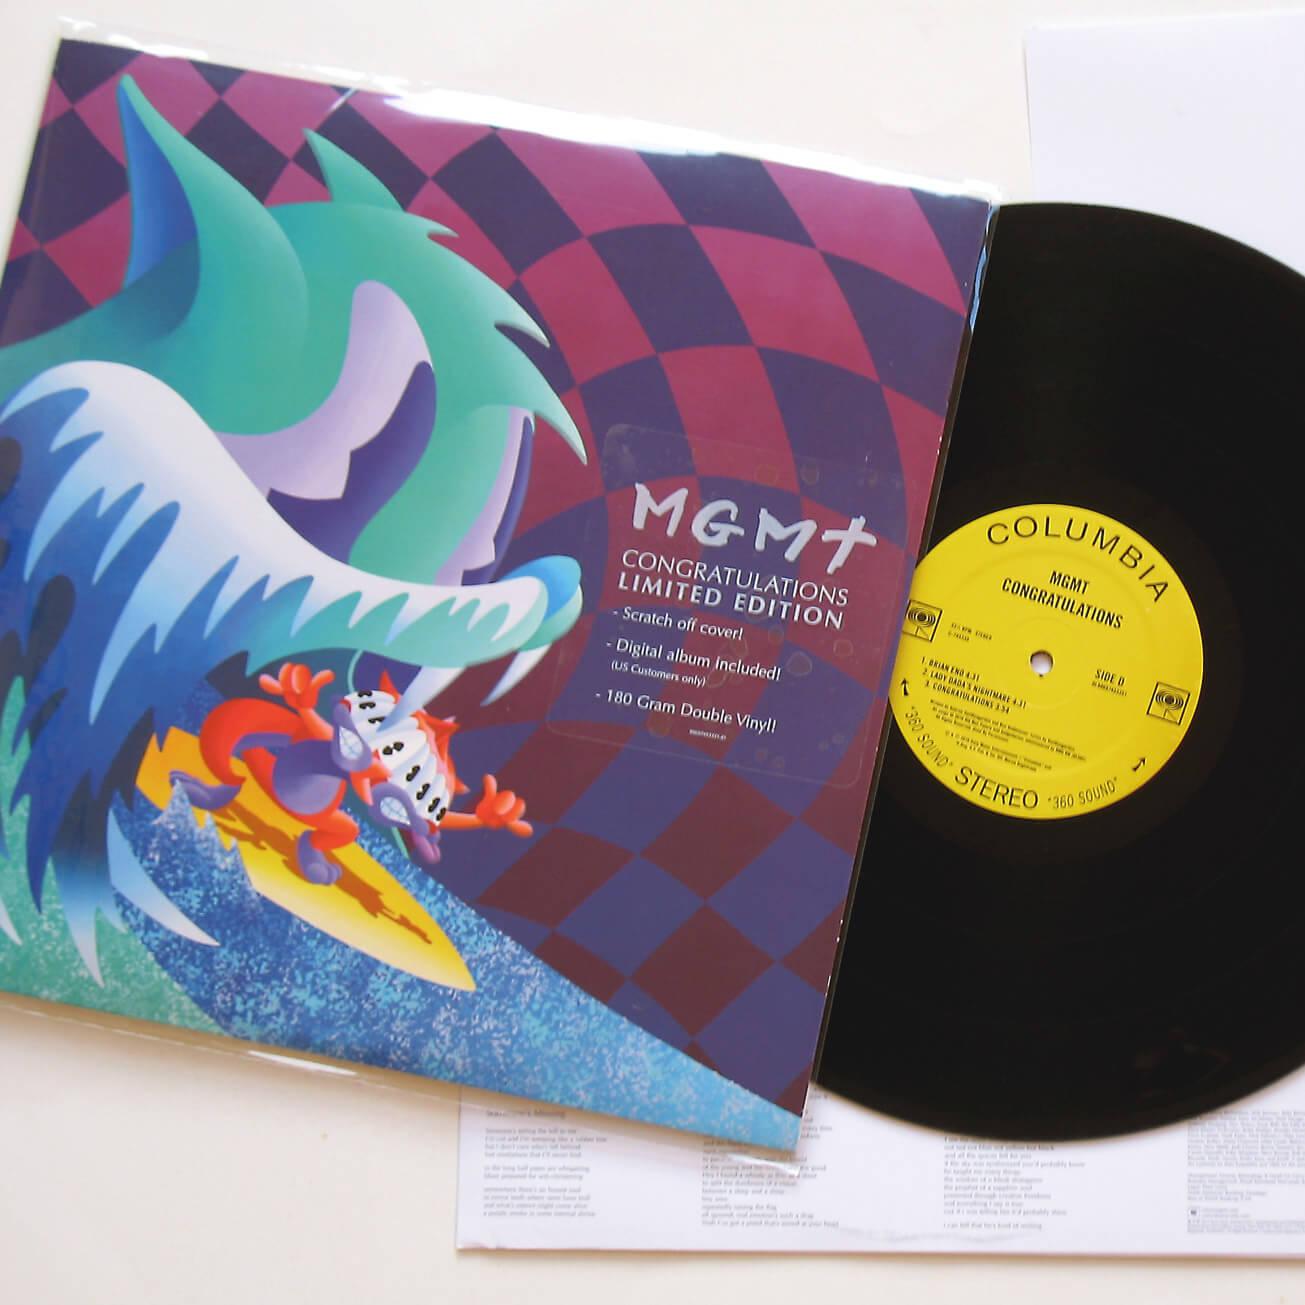 обложка к виниловому диску на которой мышка на сёрфинге пытается уйти от кота в форме волны